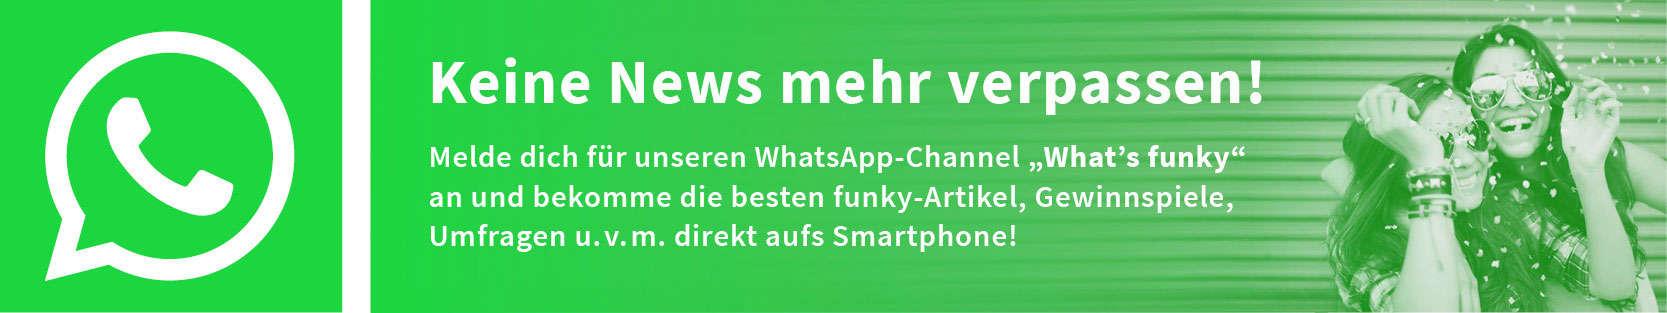 Anzeige für WhatsApp